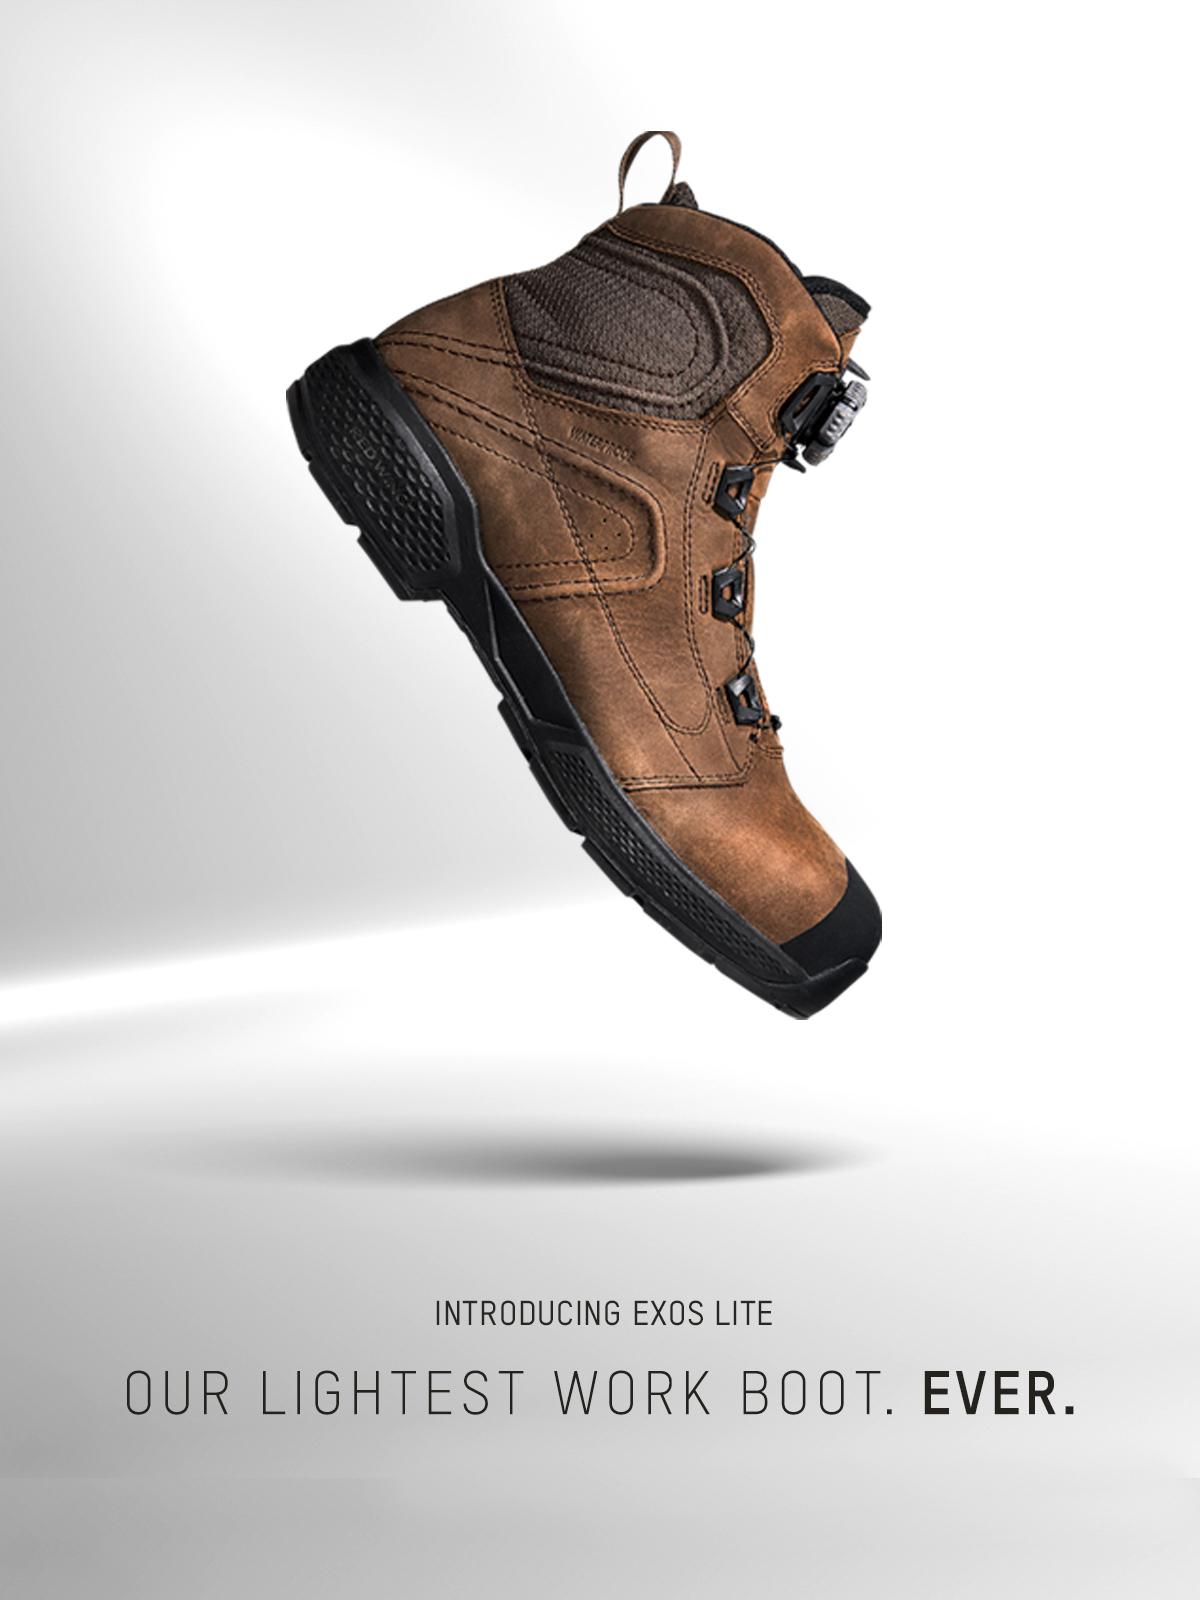 See Exos Light Footwear